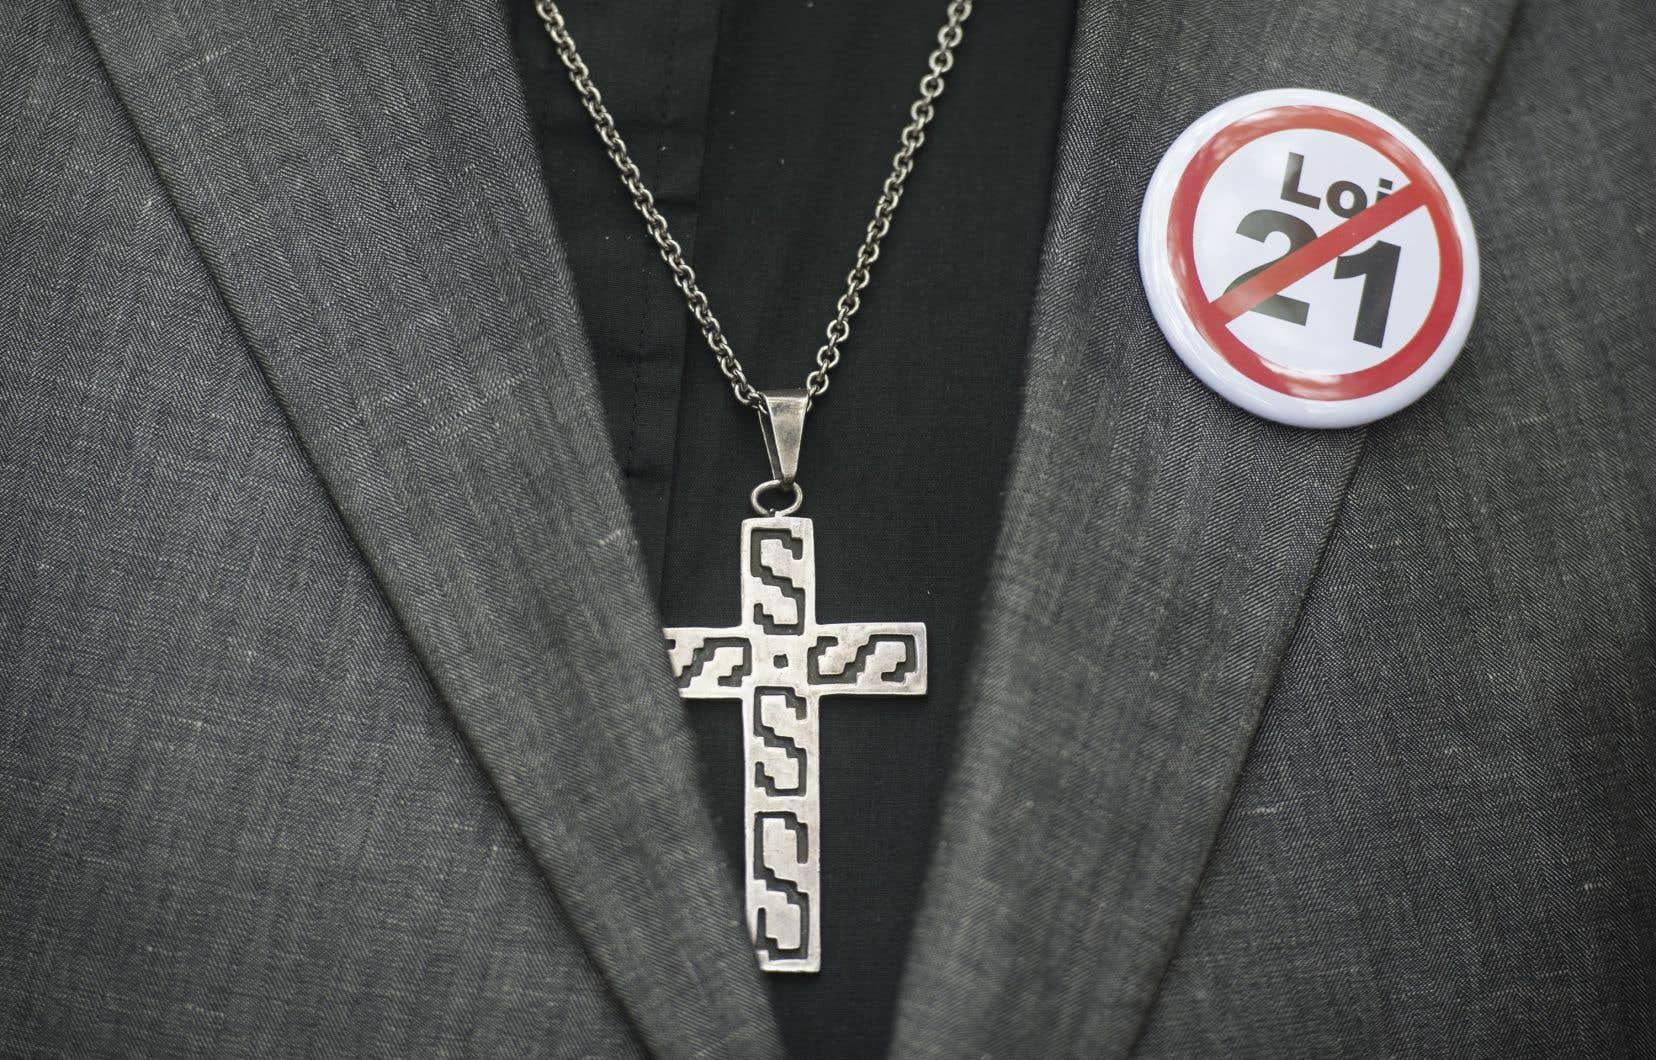 La Loi sur la laïcité a été adoptée en juin 2019 et interdit aux travailleurs du secteur public réputés occuper des postes d'autorité de porter des signes religieux.